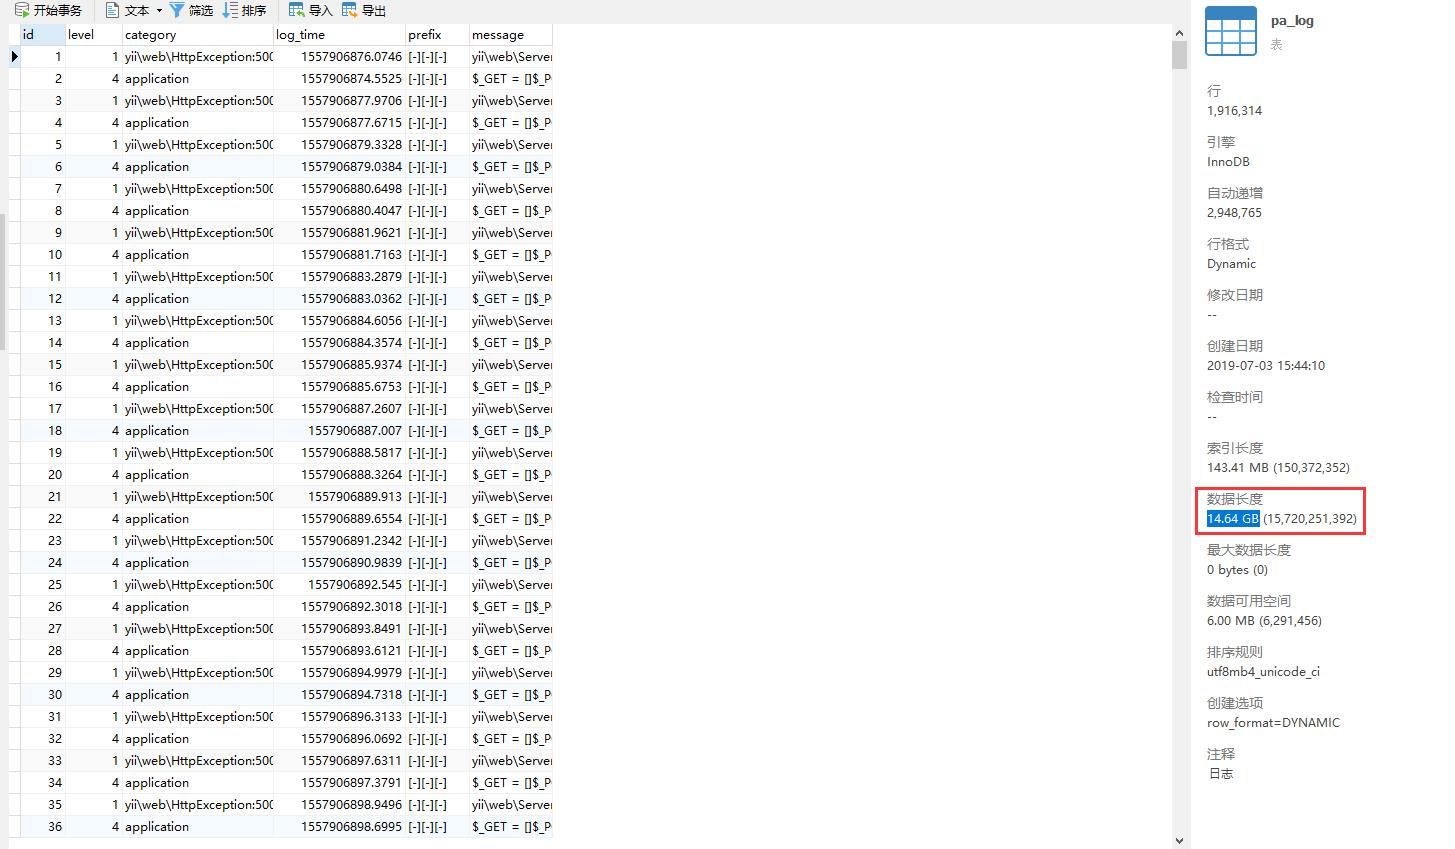 由于日志消息是存储于 MySQL 的 log 表中,在生产环境中,累积了大量的数据,log 表的数据长度已经达到 数百 GB ,因此,决定基于控制台命令行实现日志消息的定时删除,开发环境的 log 表的数据长度为 14.64 GB